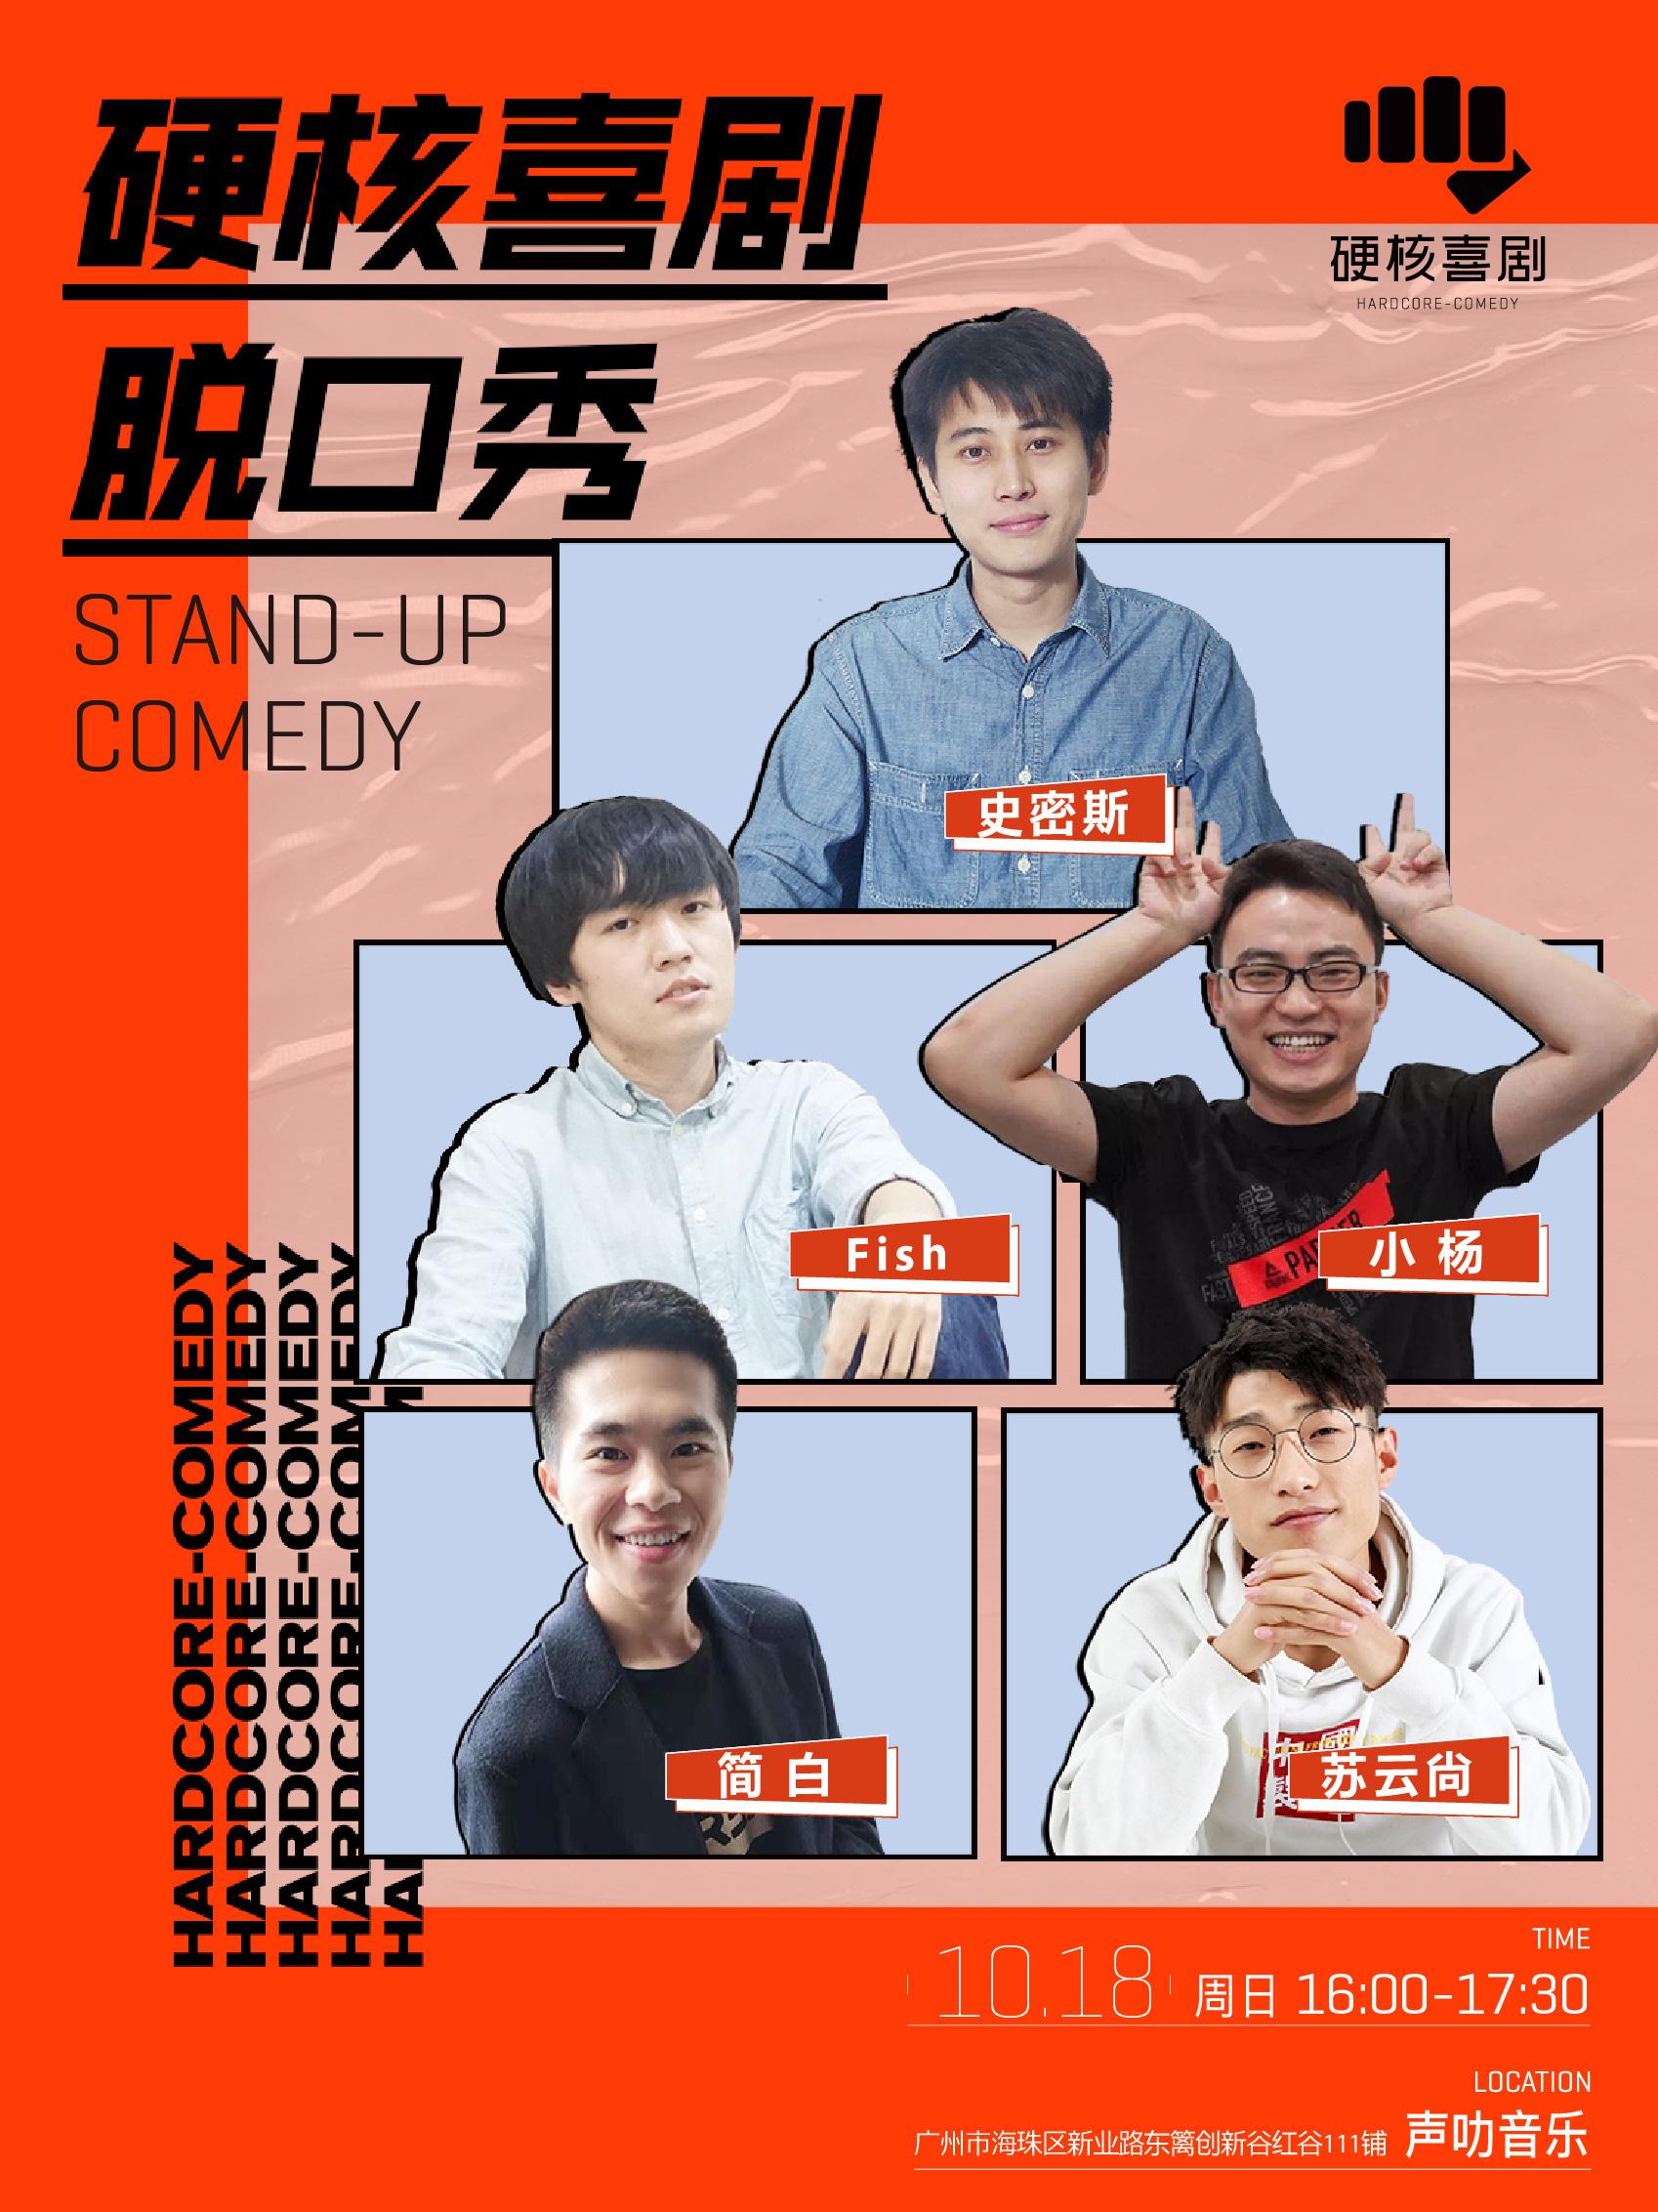 广州硬核喜剧脱口秀